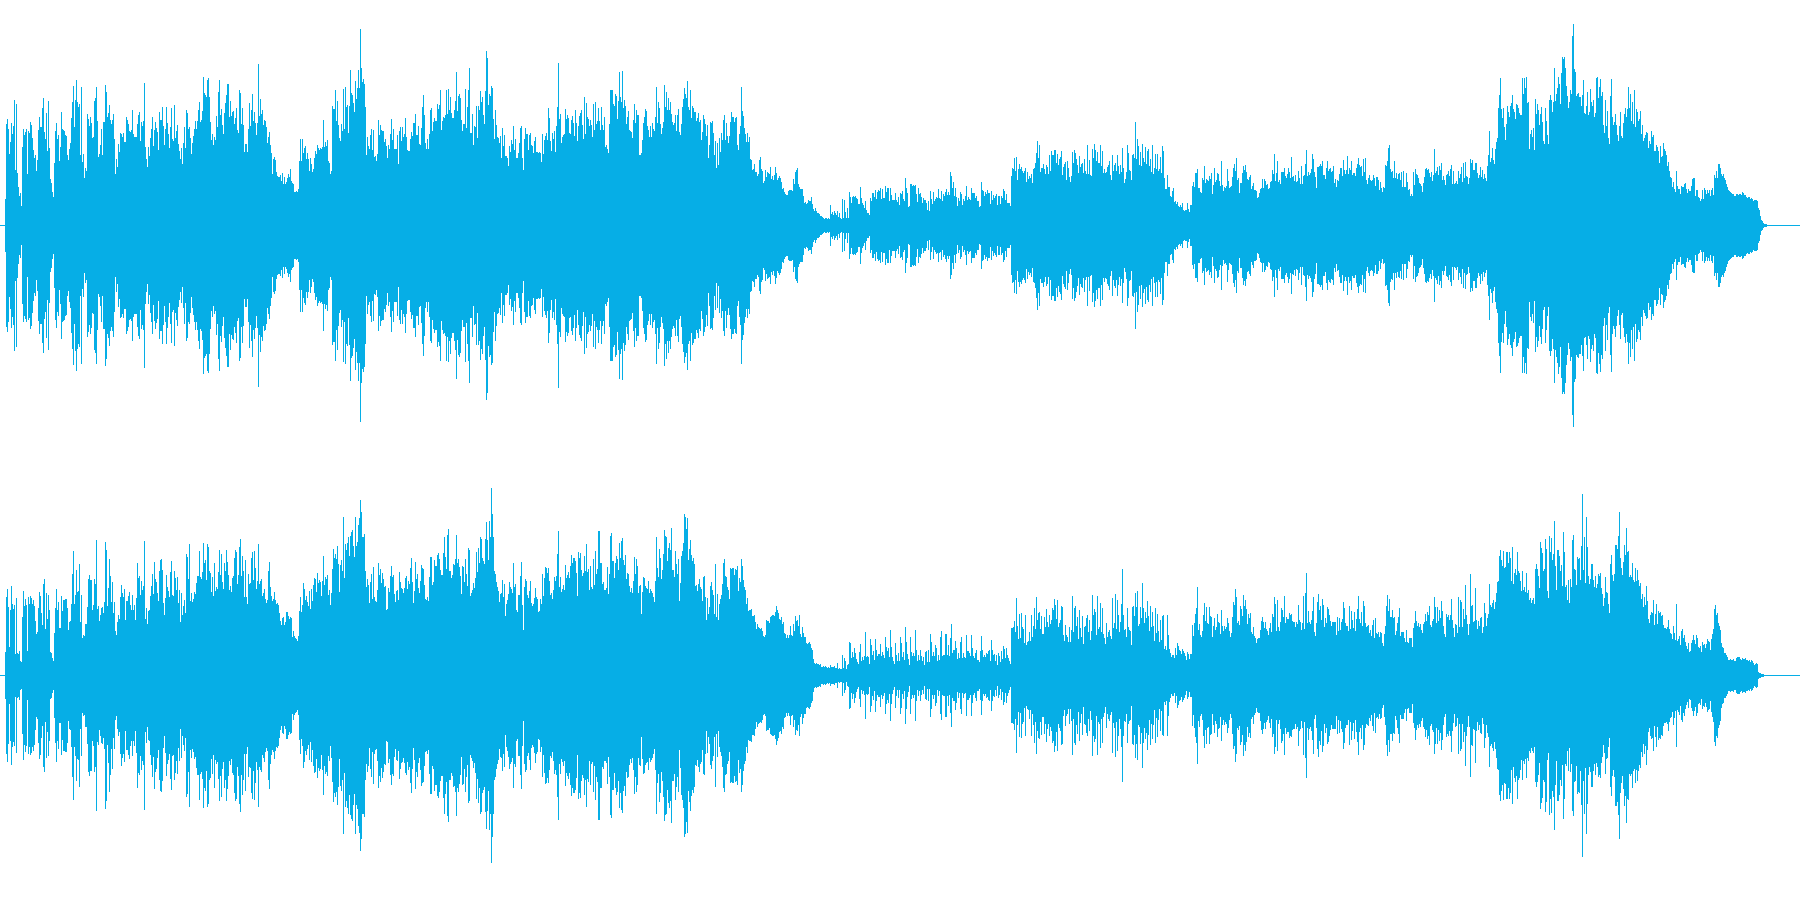 勇壮なオーケストラ・サウンドの再生済みの波形